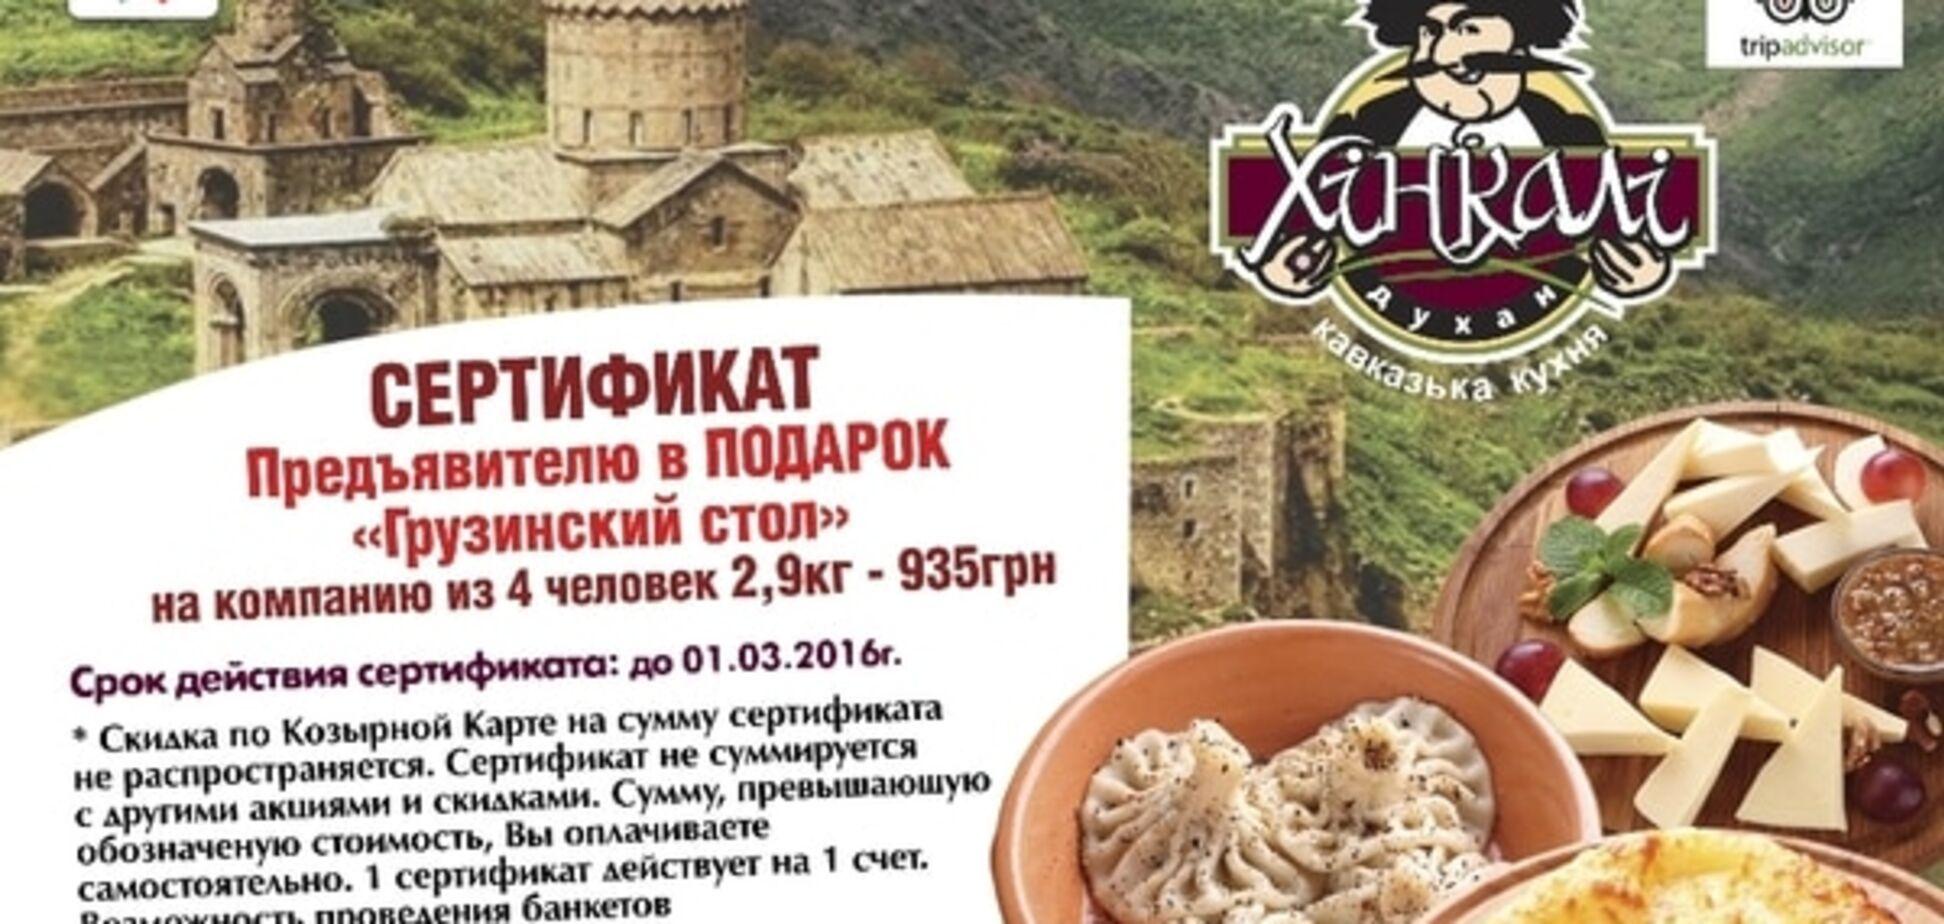 Читай 'Обозреватель' - сертификат в грузинский ресторан и бочонок вина в подарок!